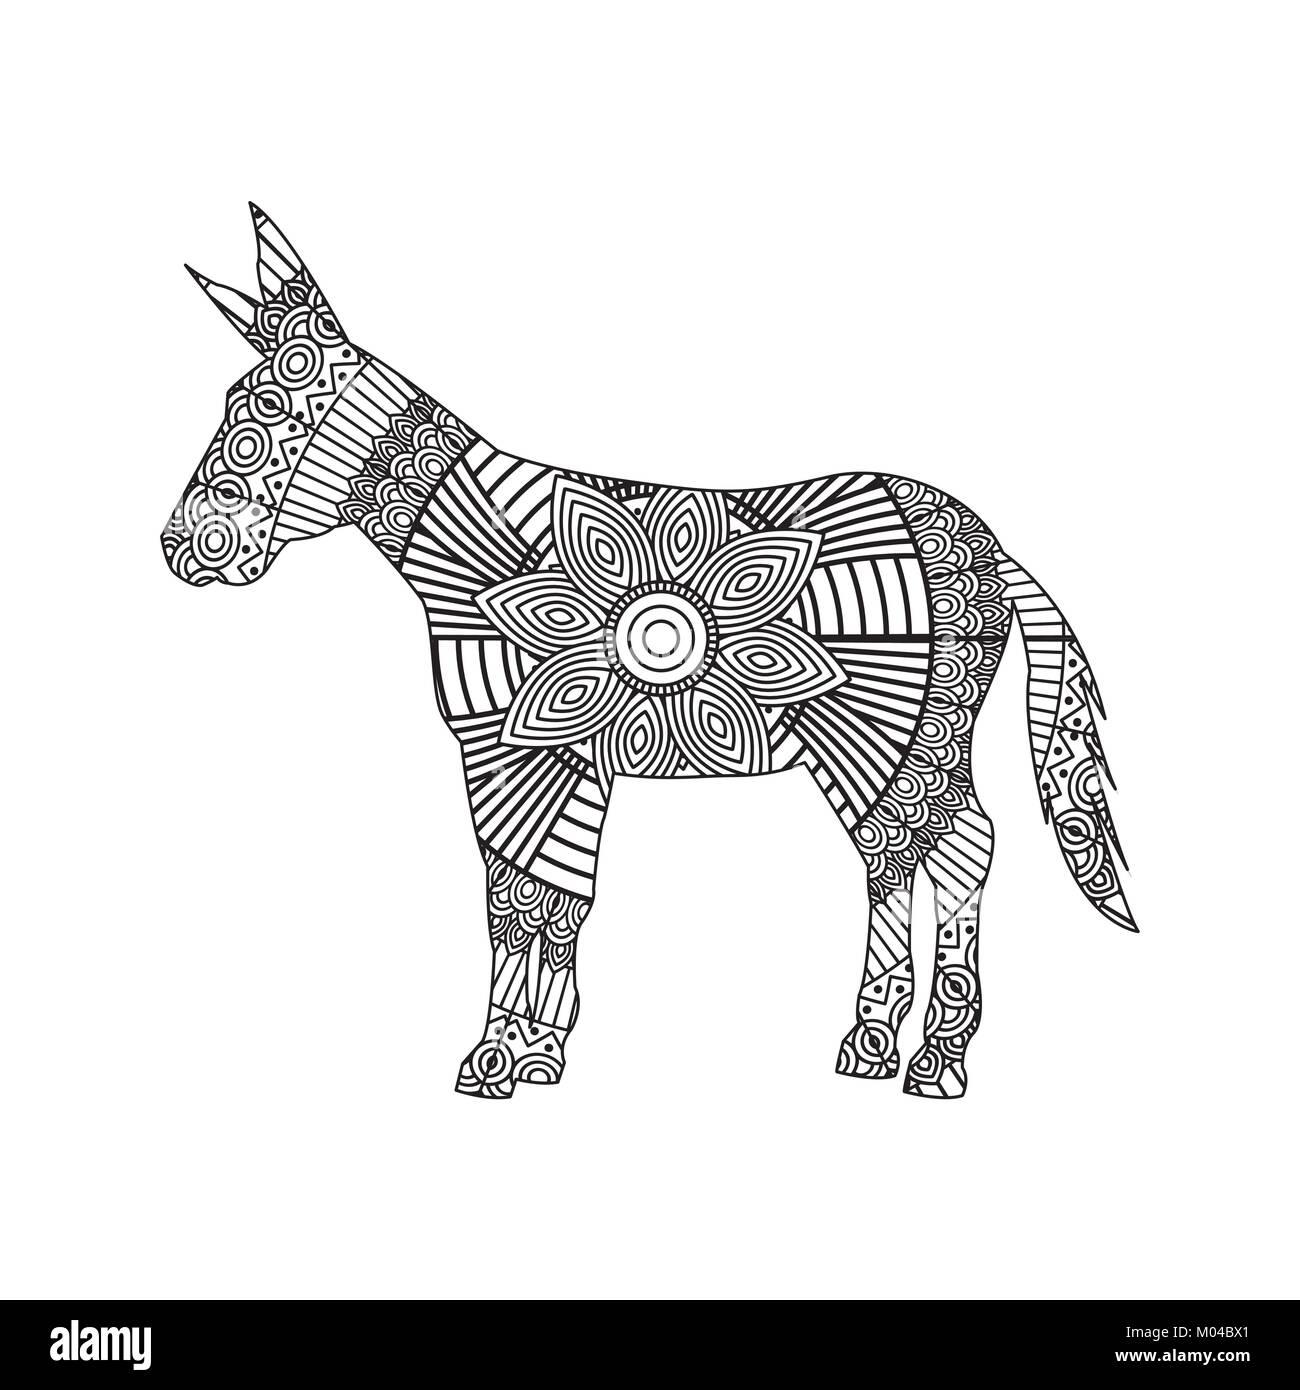 Zentangle De Dessin Pour Adultes âne Coloriage Vecteurs Et